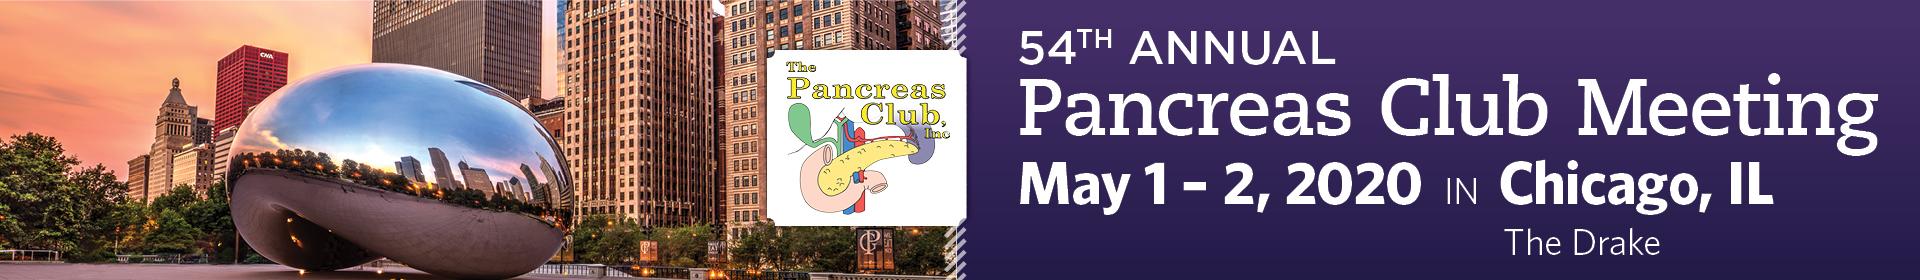 54th Annual Pancreas Club Meeting Event Banner